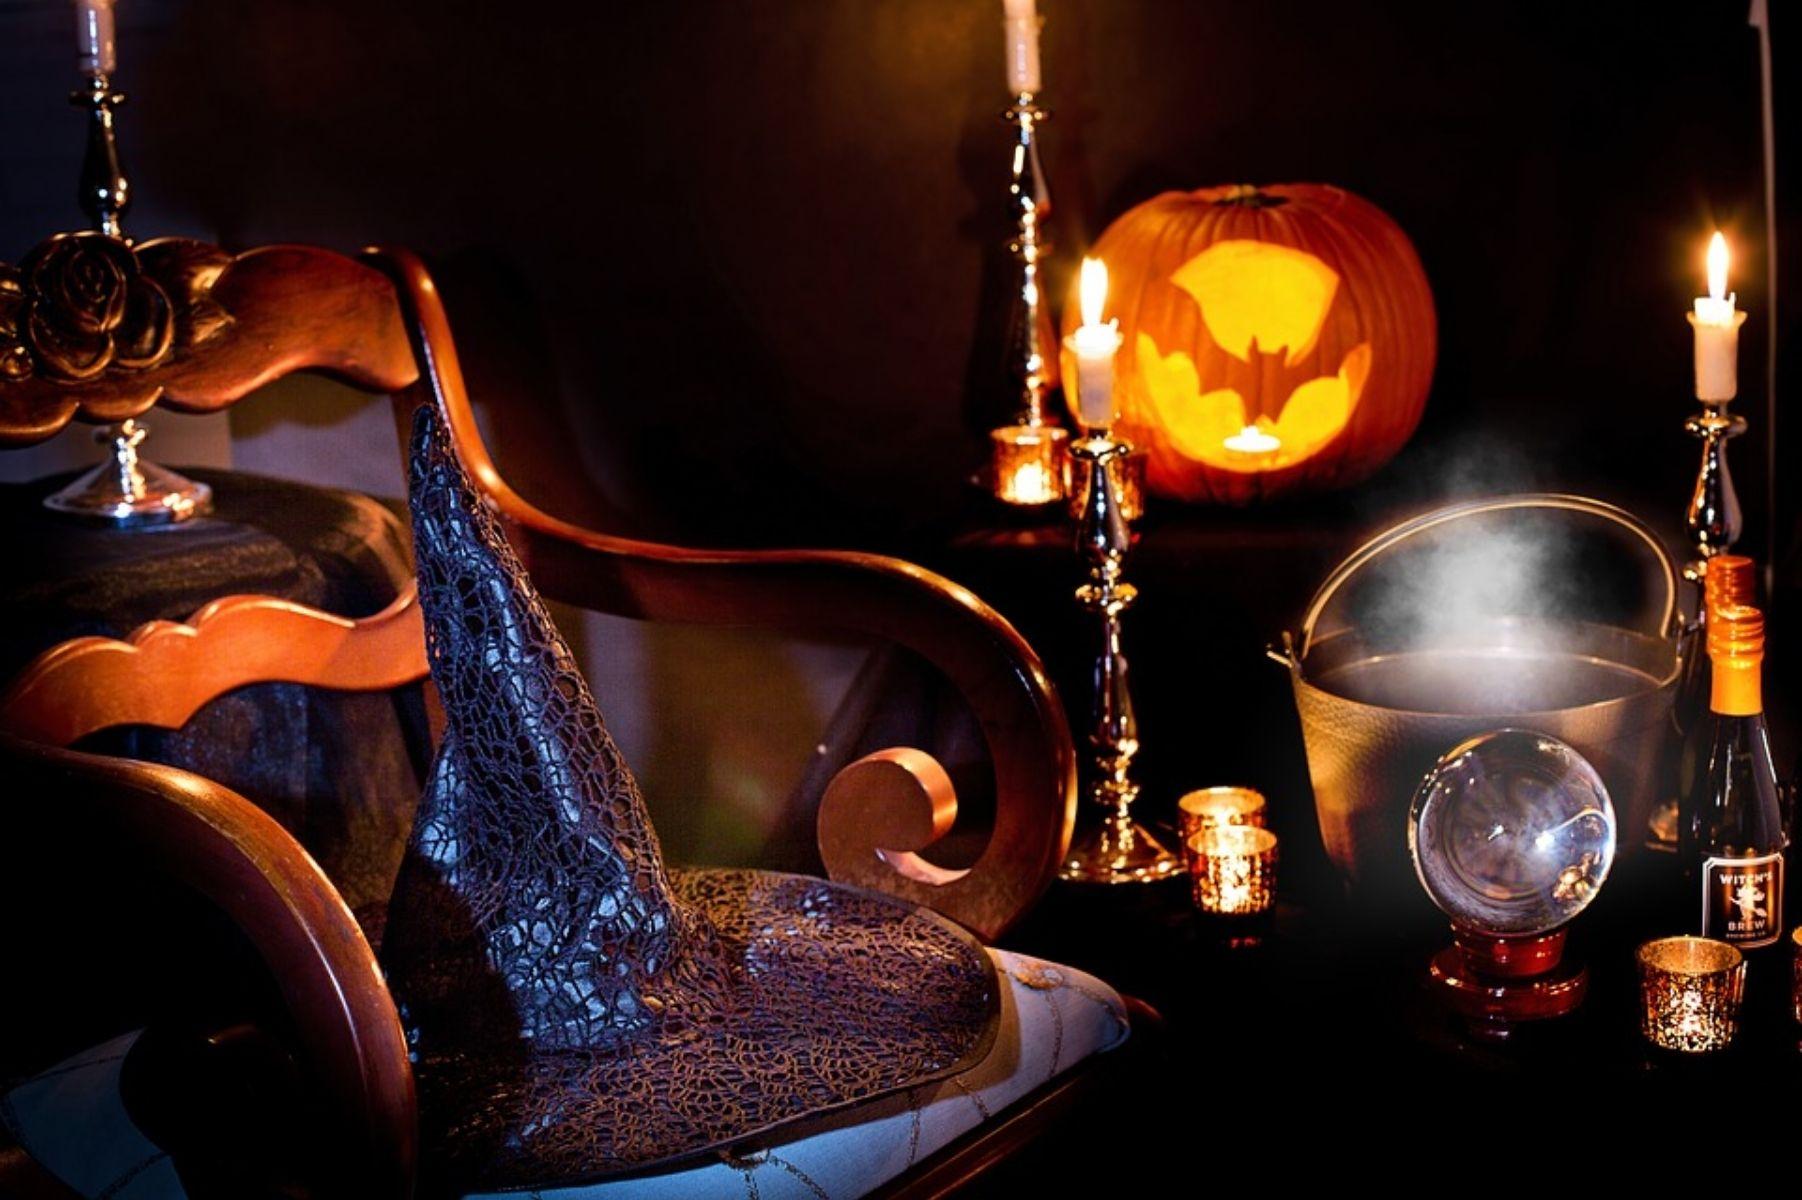 Prática da bruxaria: 7 passos para iniciantes